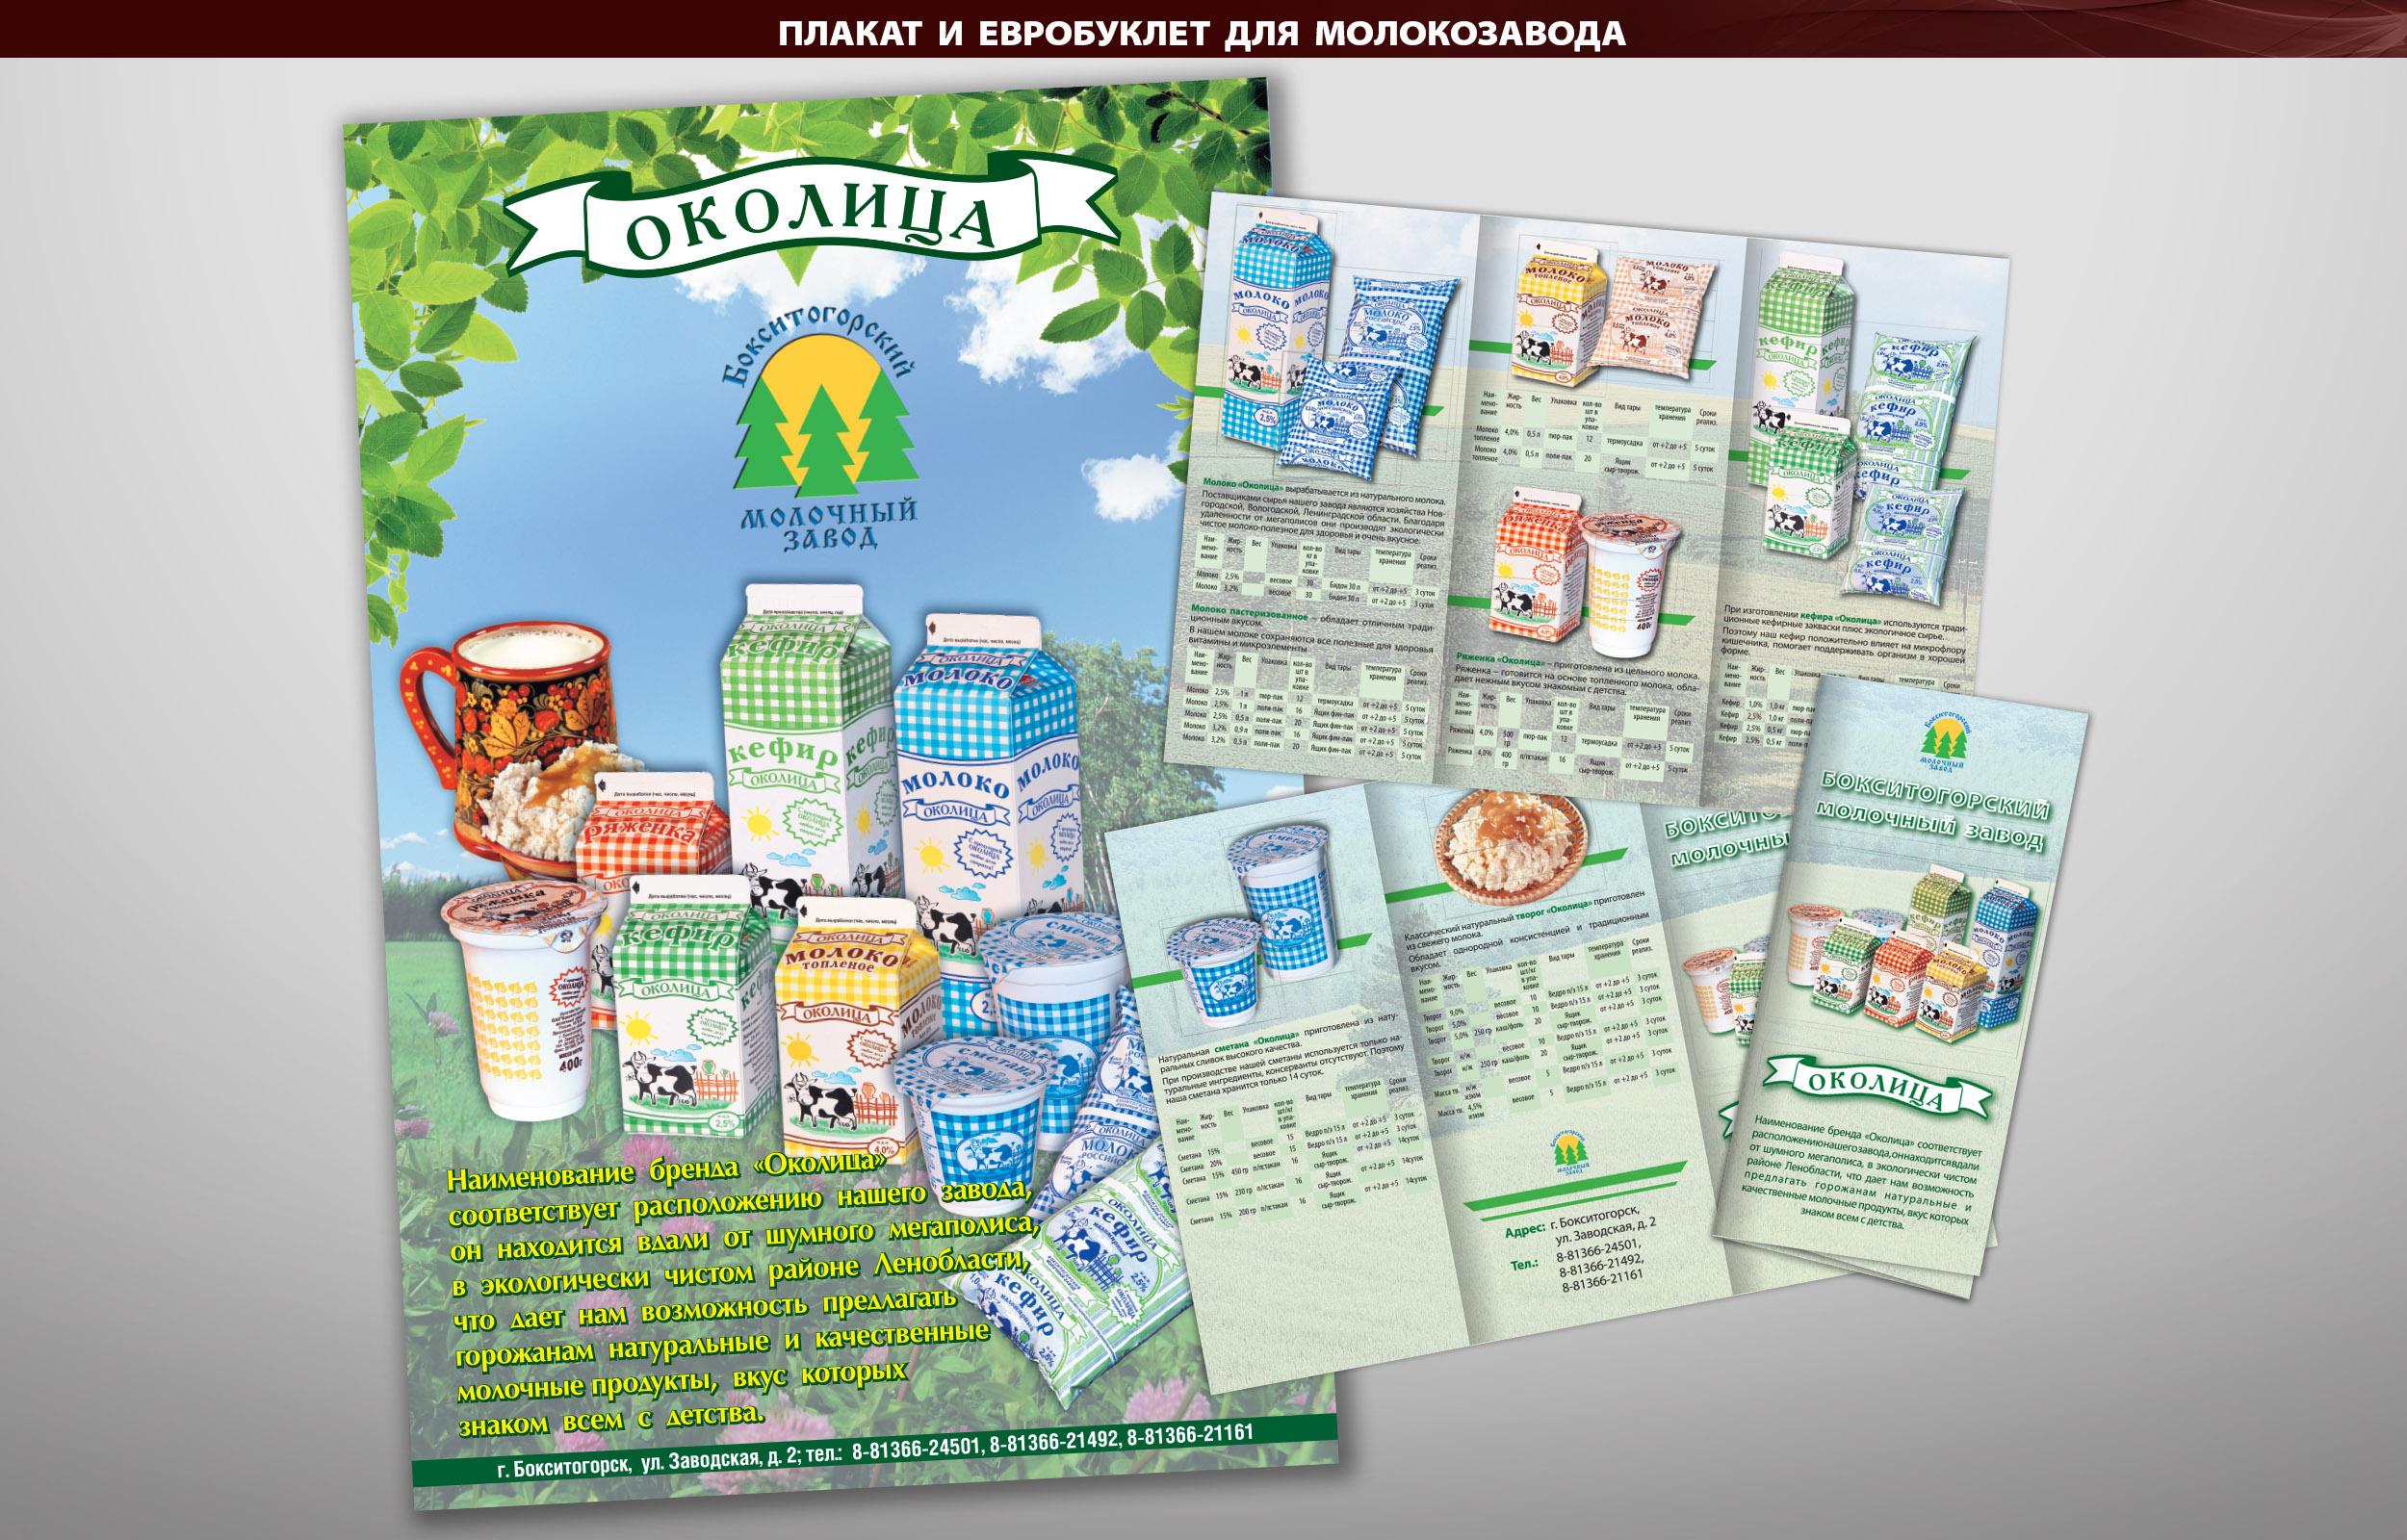 Плакат и евробуклет для молокозавода